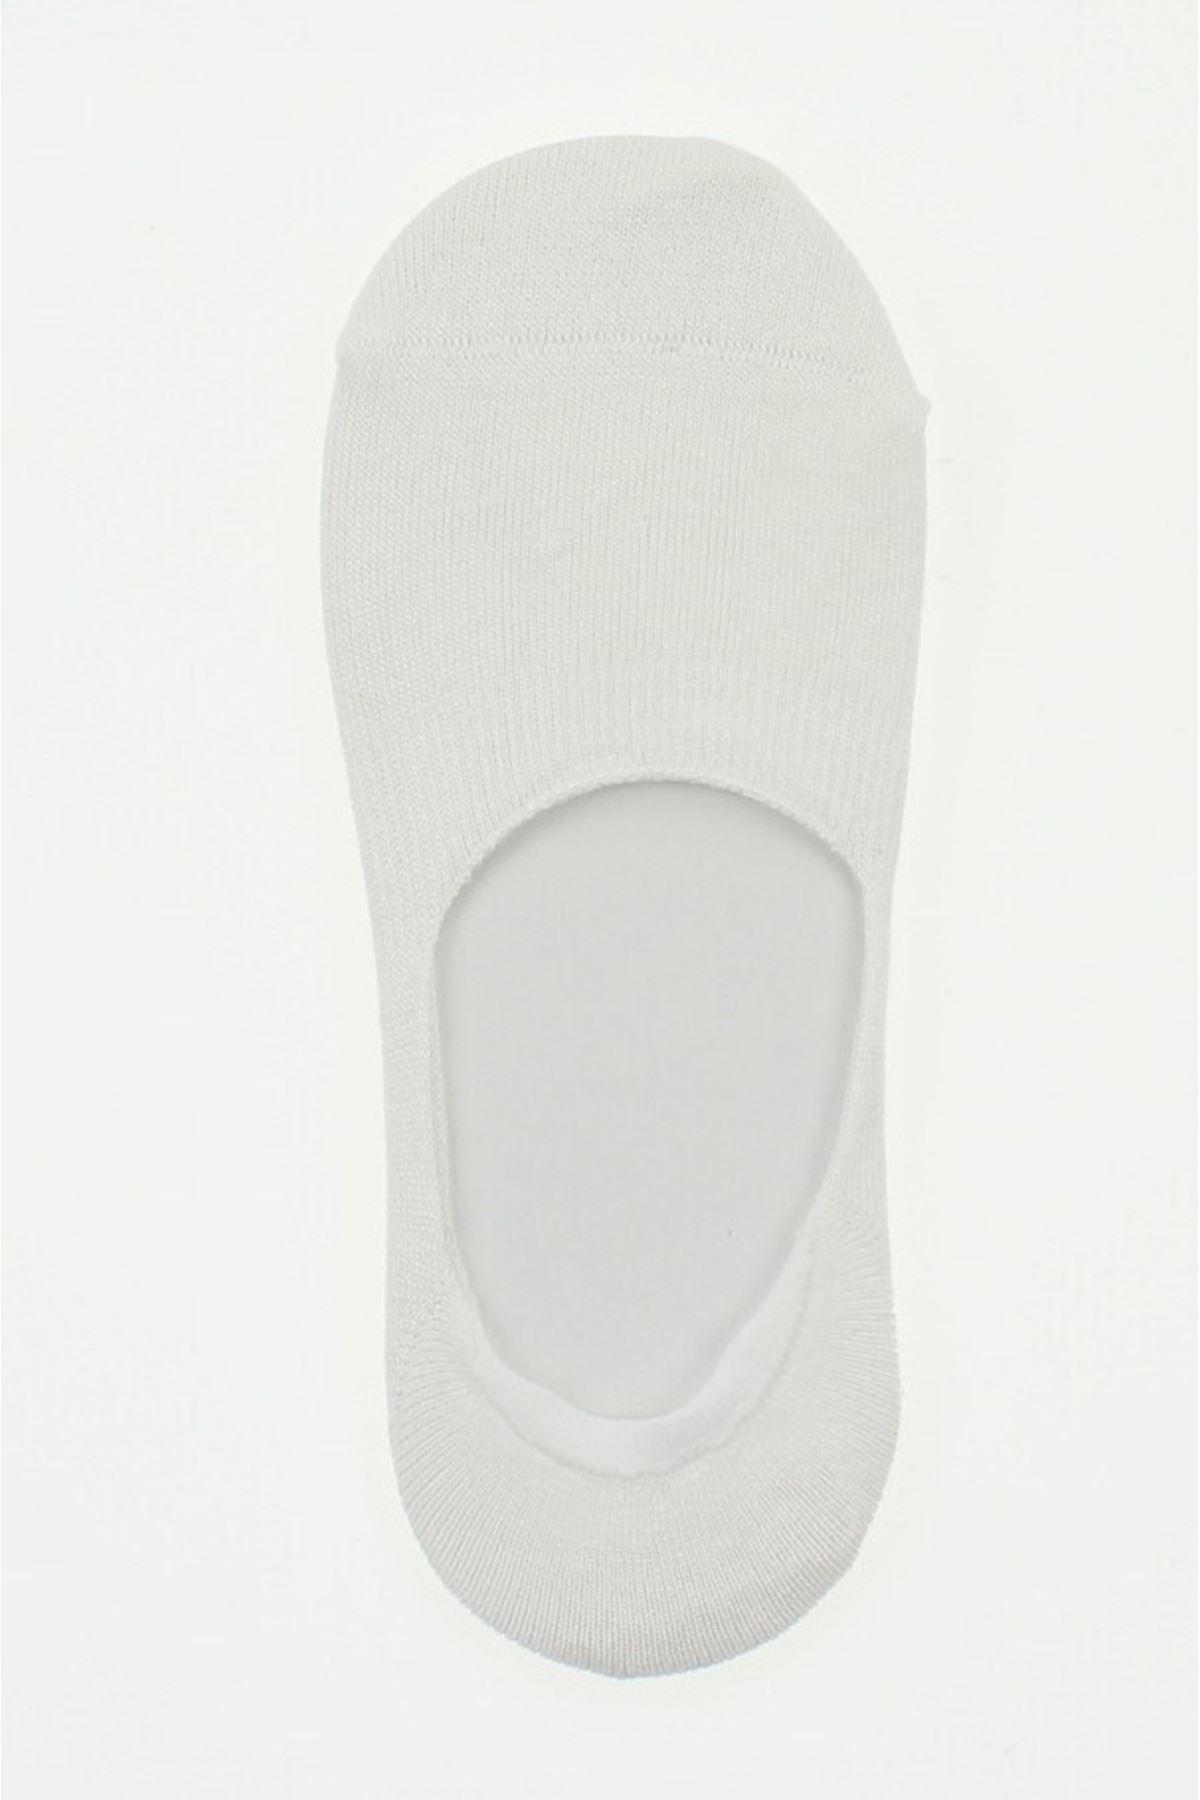 By Jawalli Modal Kadın Babet Çorabı